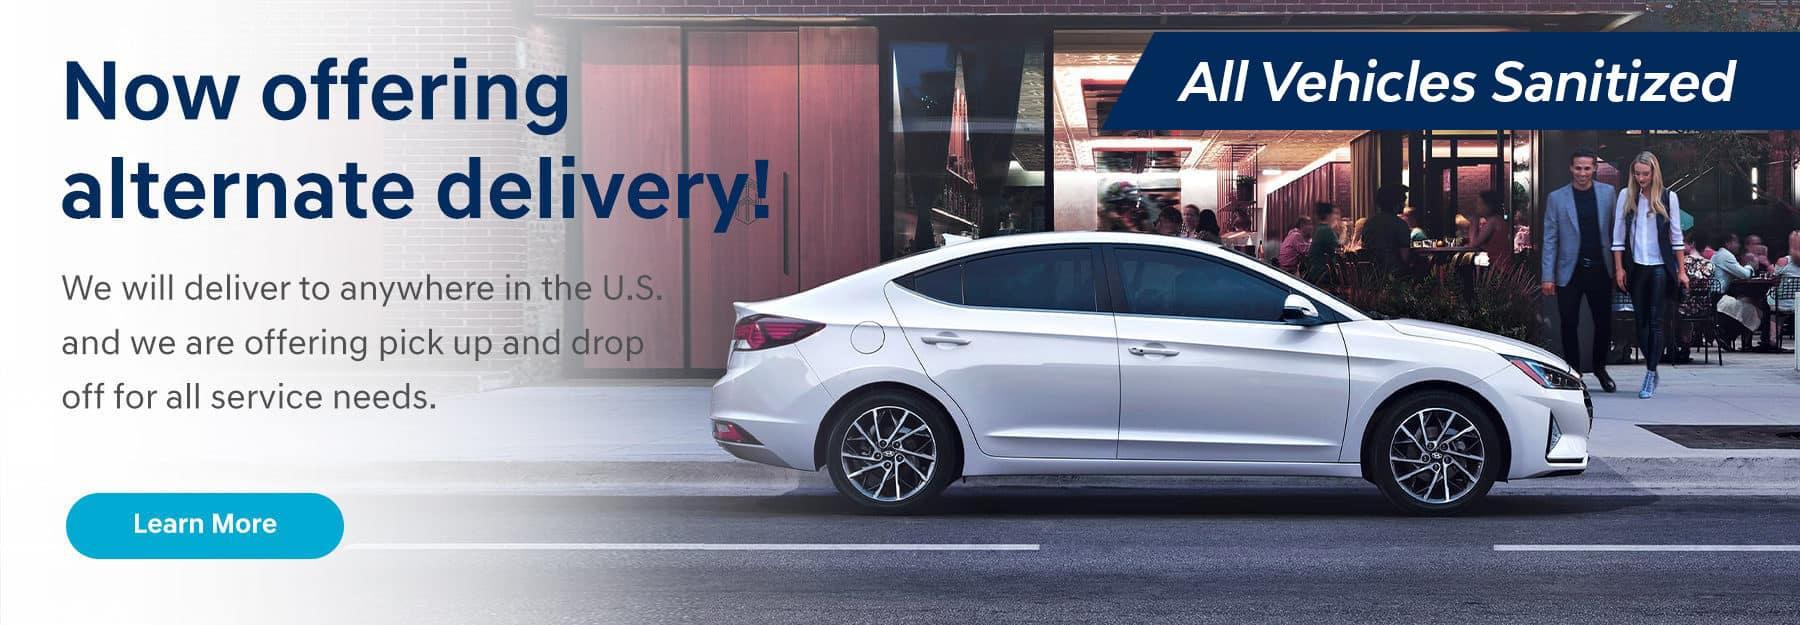 Hyundai_Delivery